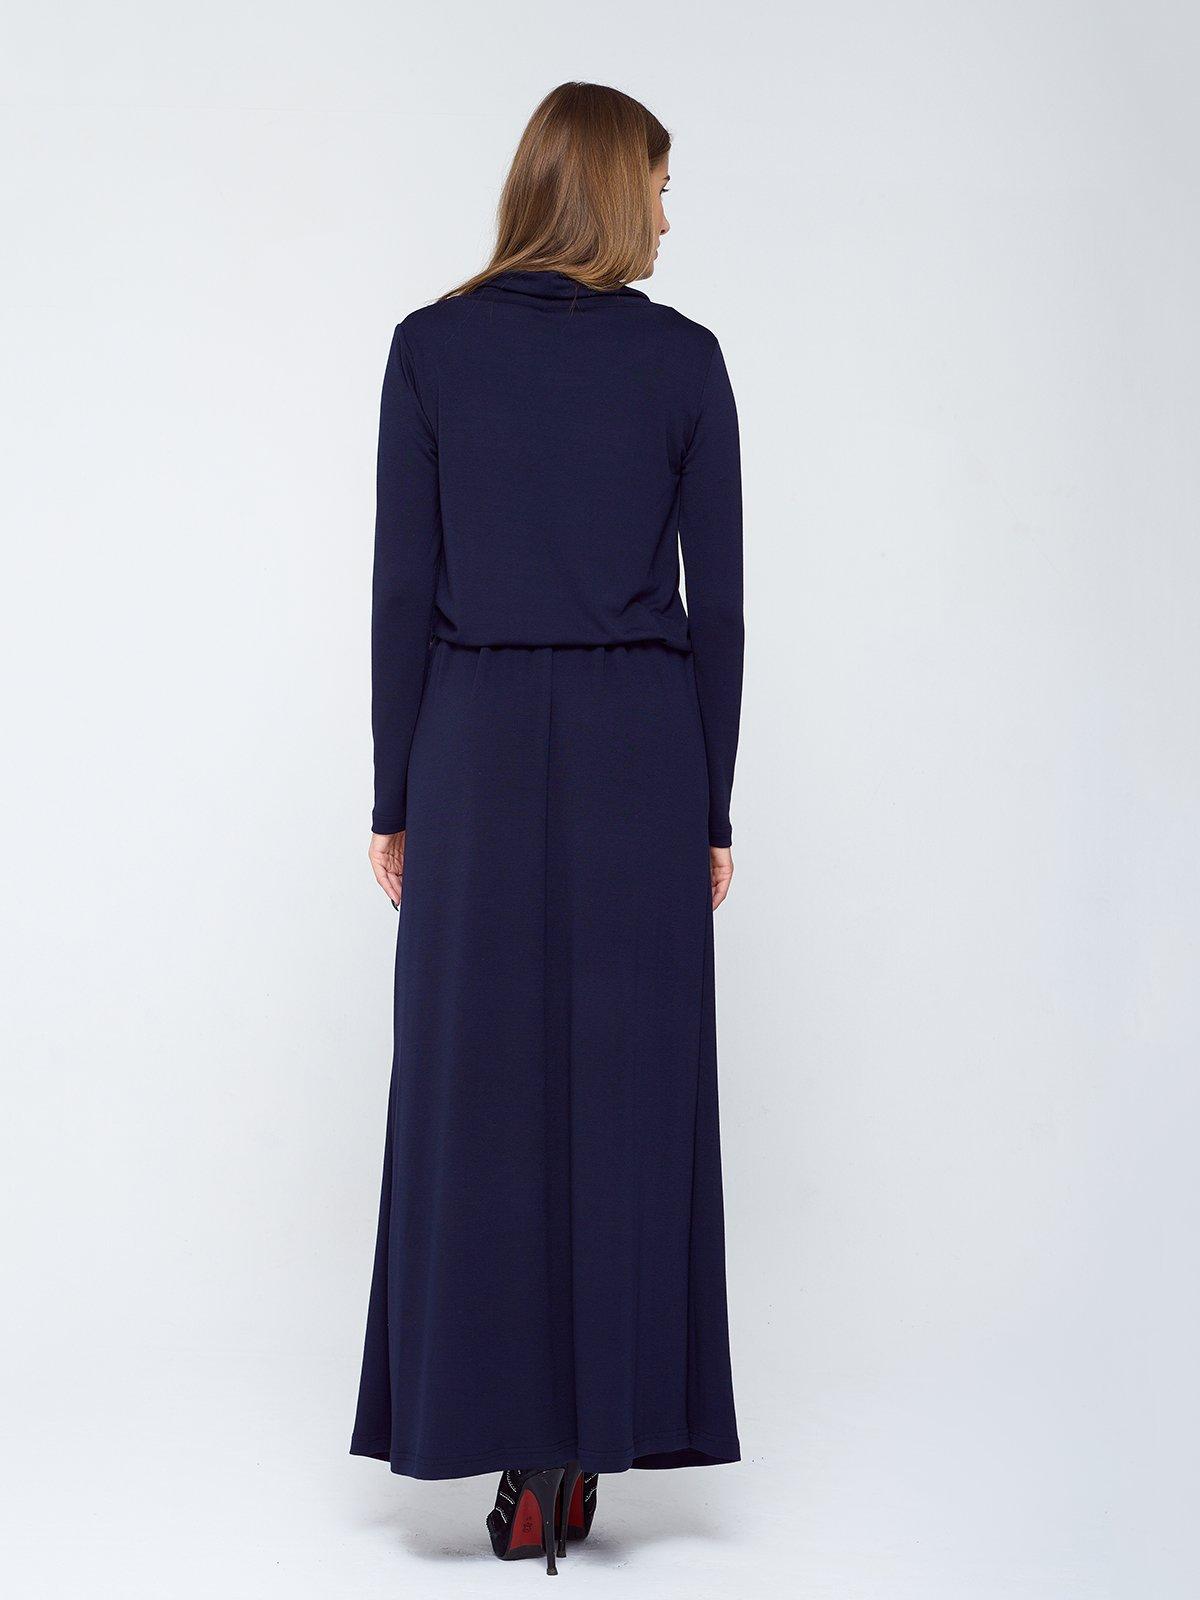 Сукня темно-синя   2755555   фото 2